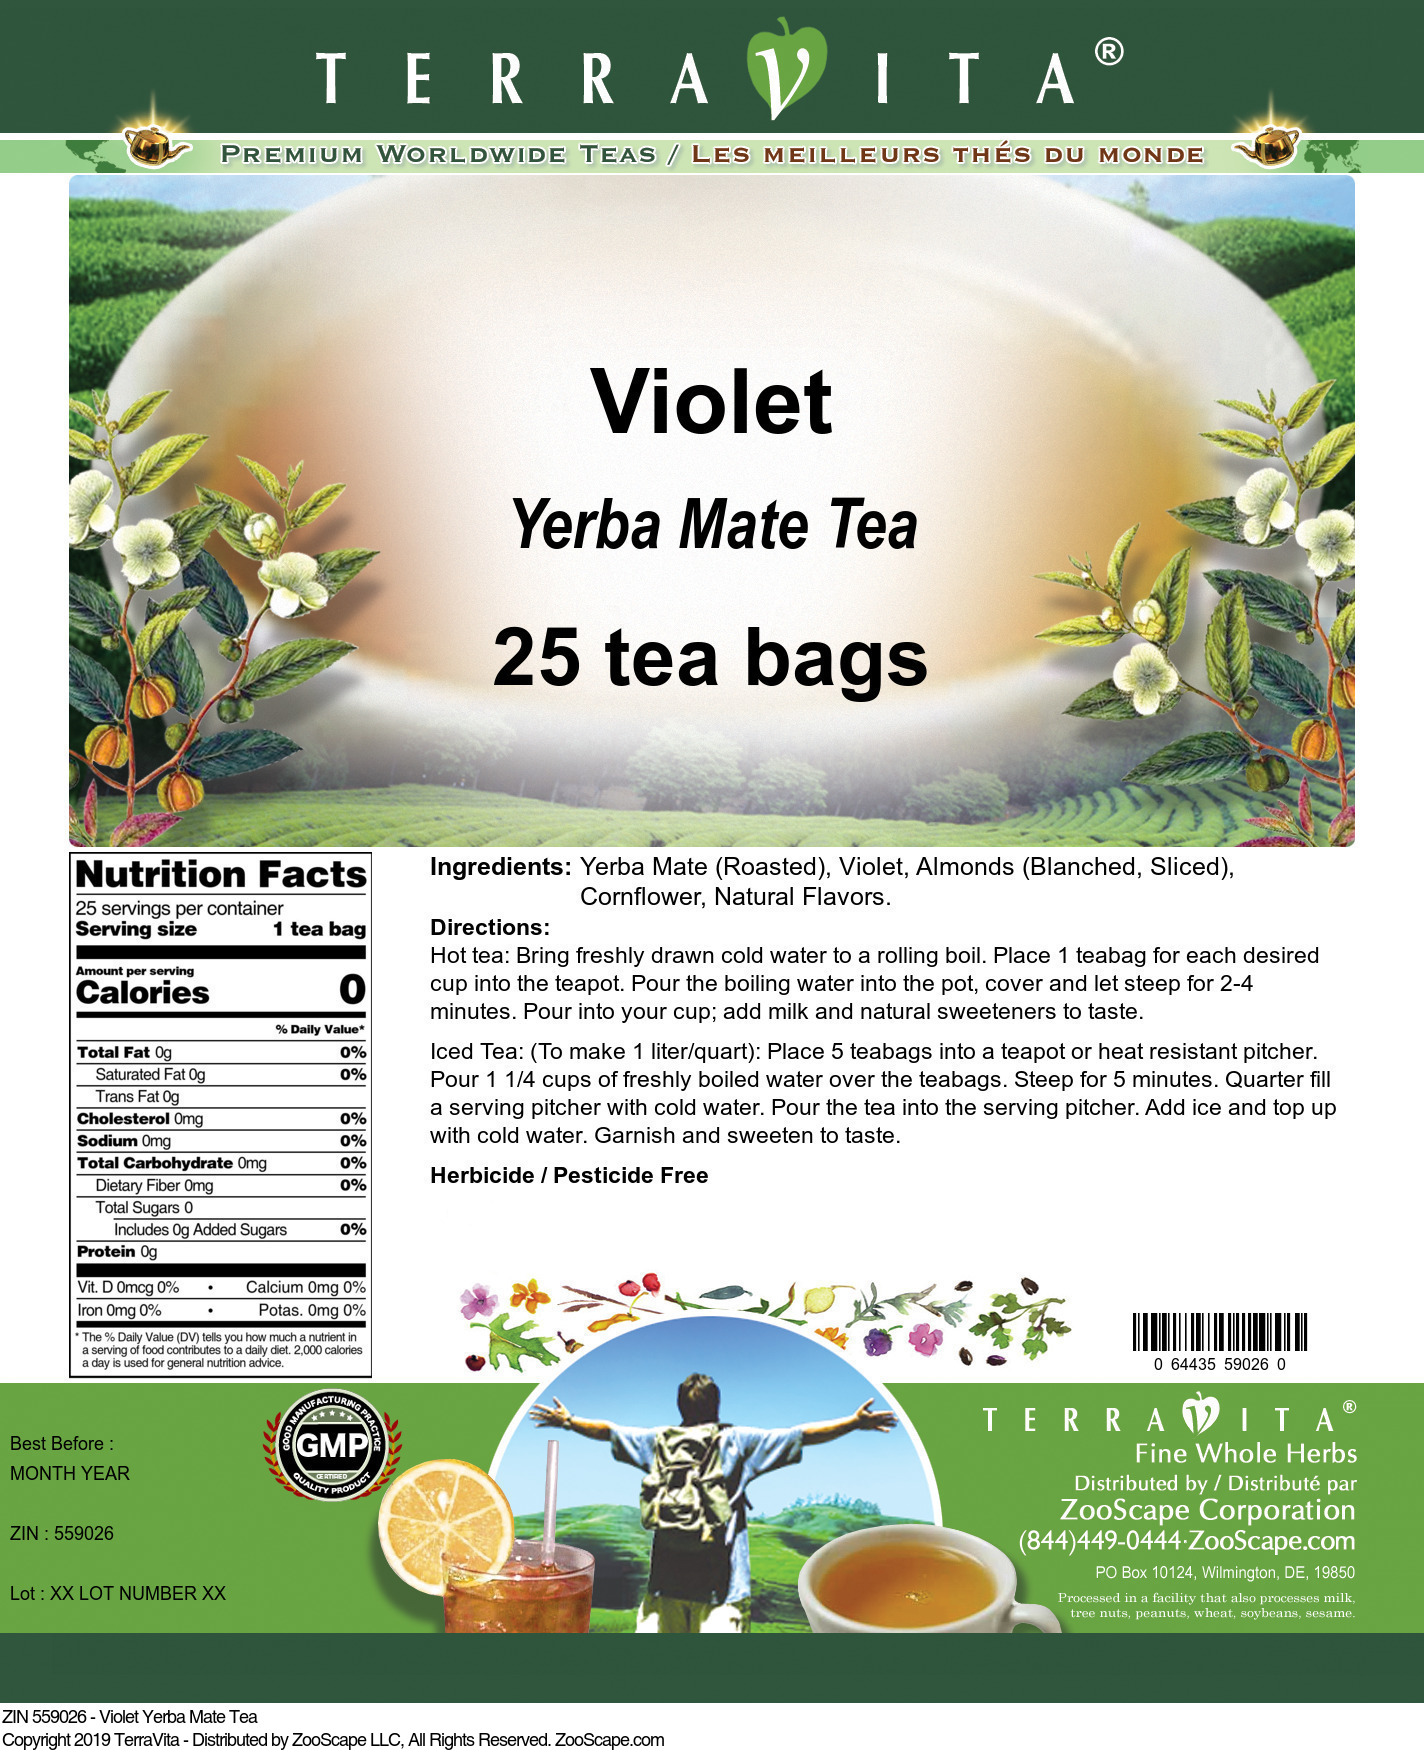 Violet Yerba Mate Tea